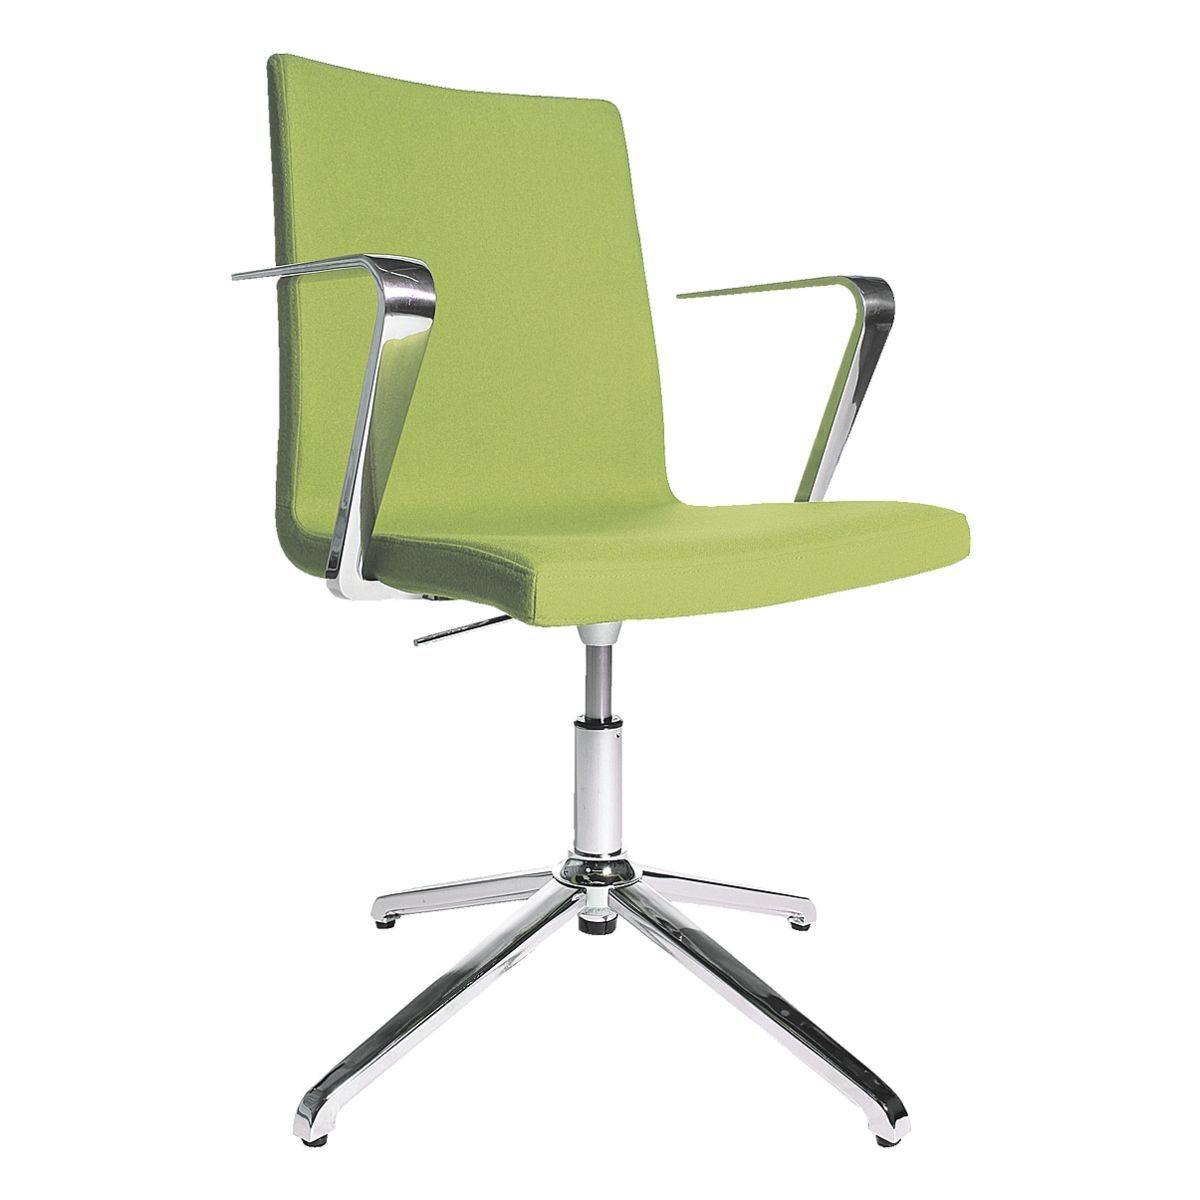 Topstar Besucherstuhl höhenverstellbar »Cube«   Büro > Bürostühle und Sessel  > Besucherstühle   TOPSTAR